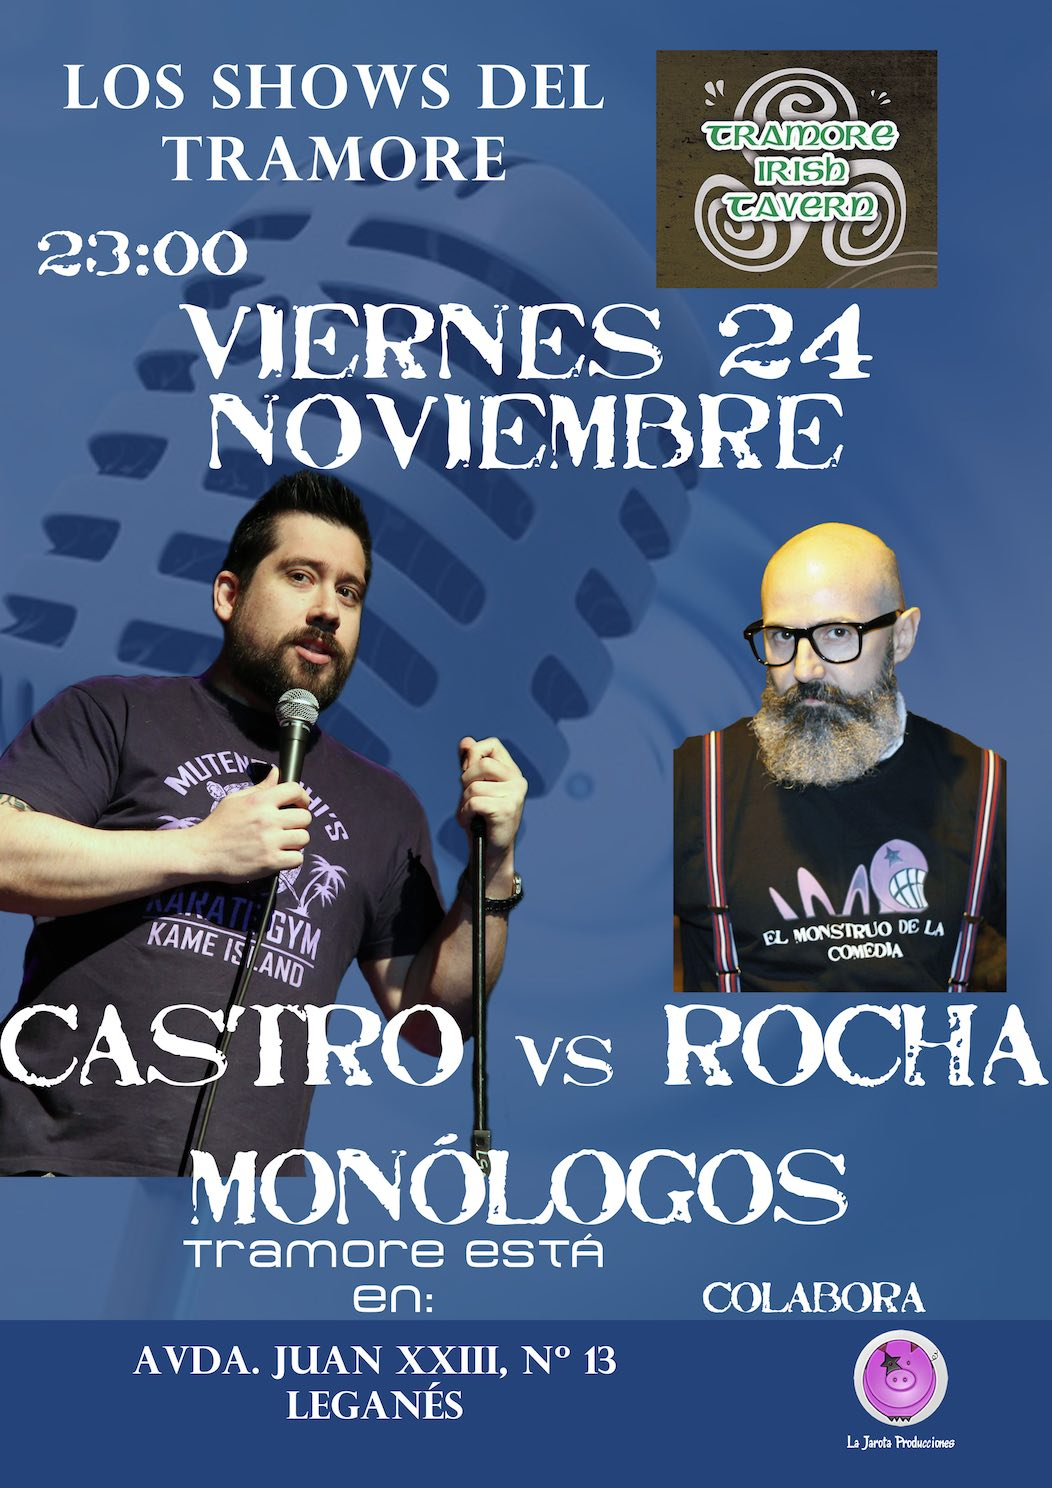 Castro vs Rocha: Humore en Tramore